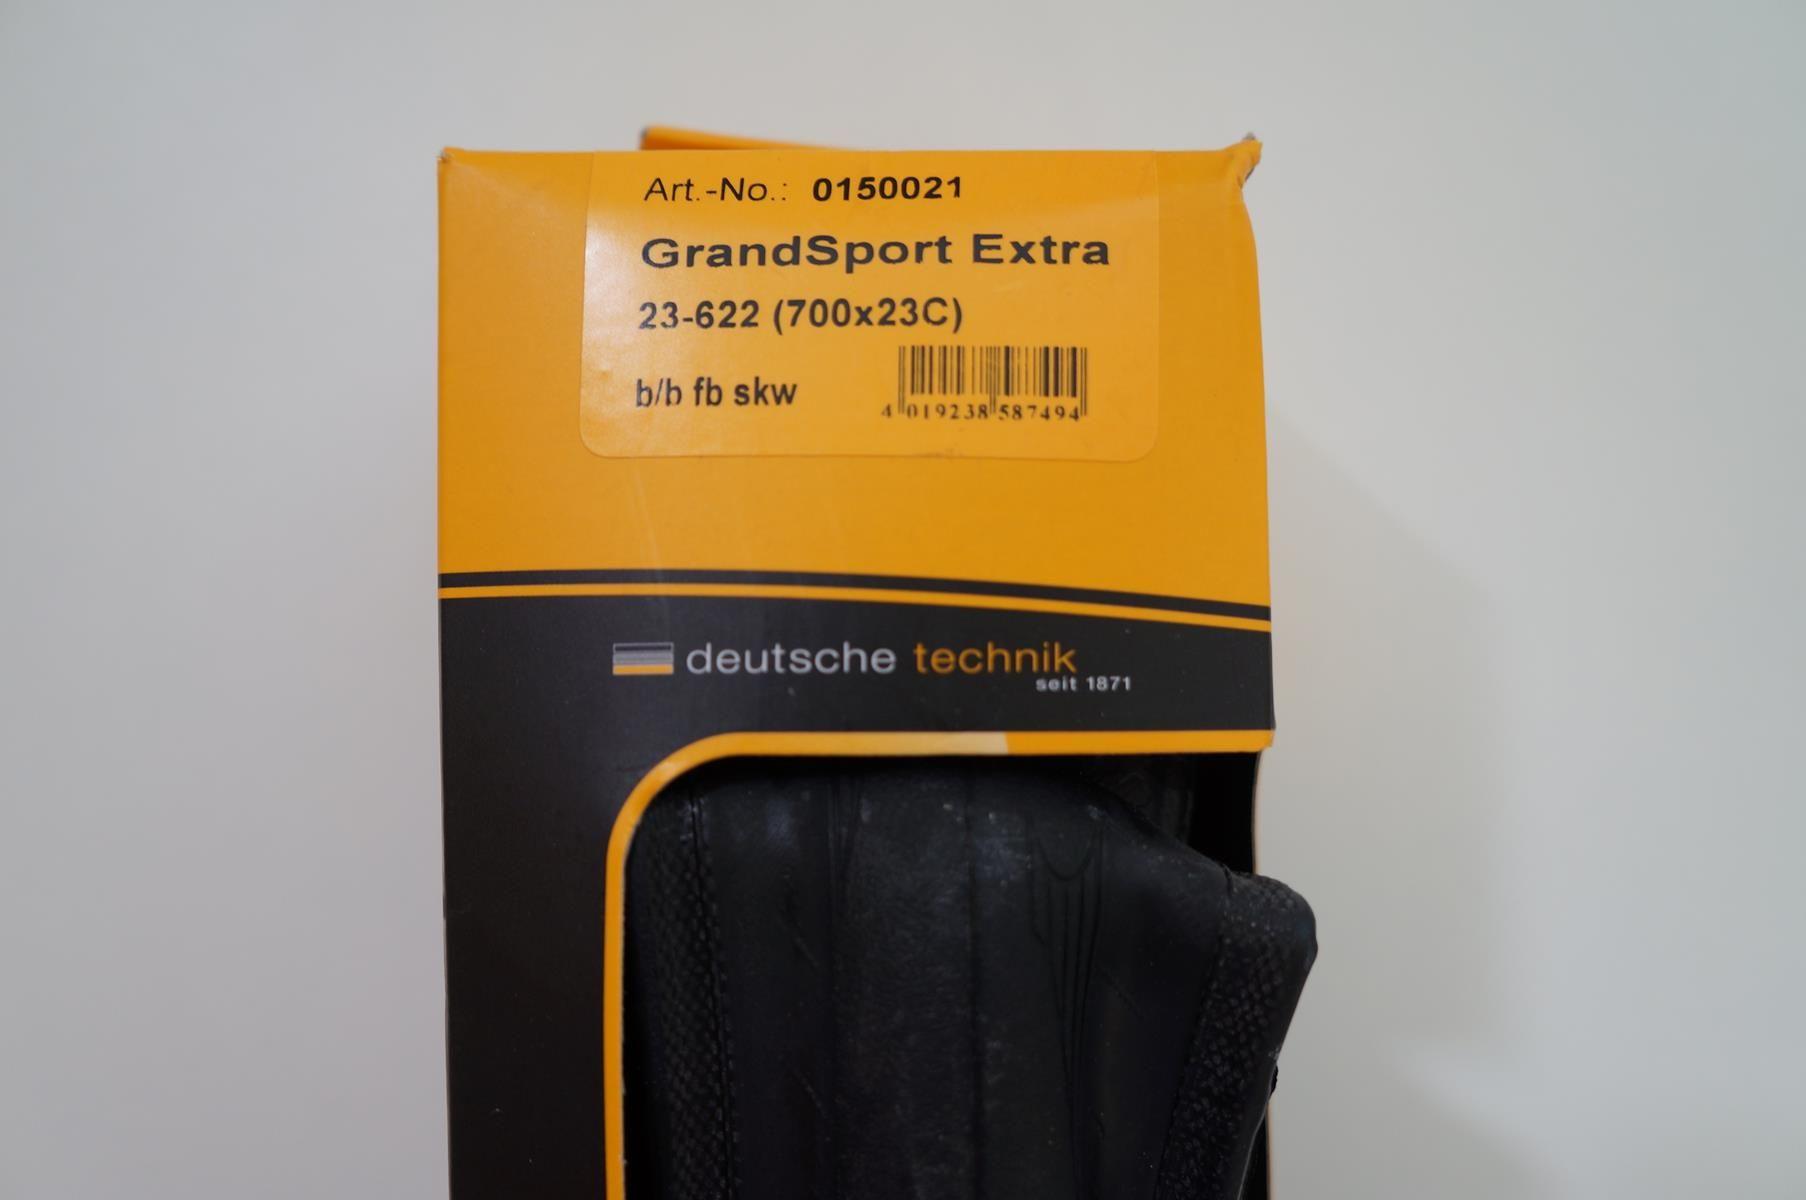 Pneu Road Continental Grand Sport Extra 700x23 Kevlar Preto